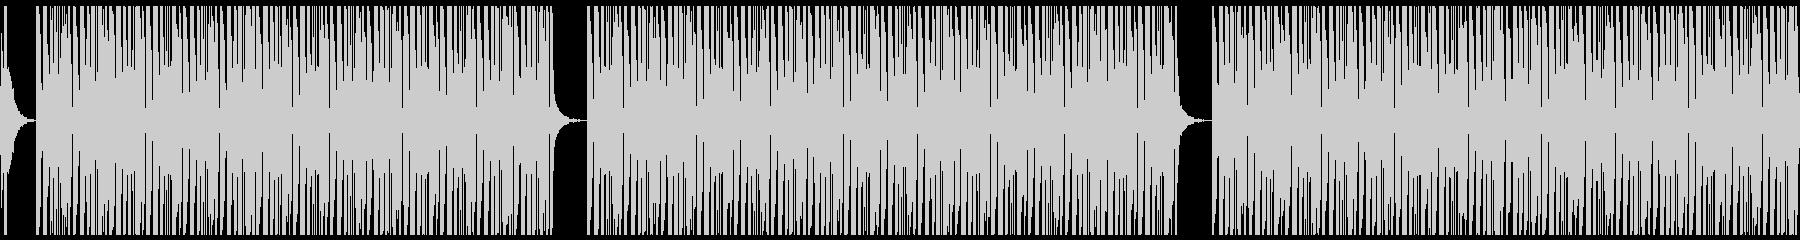 ダンジョン/無限ループの未再生の波形